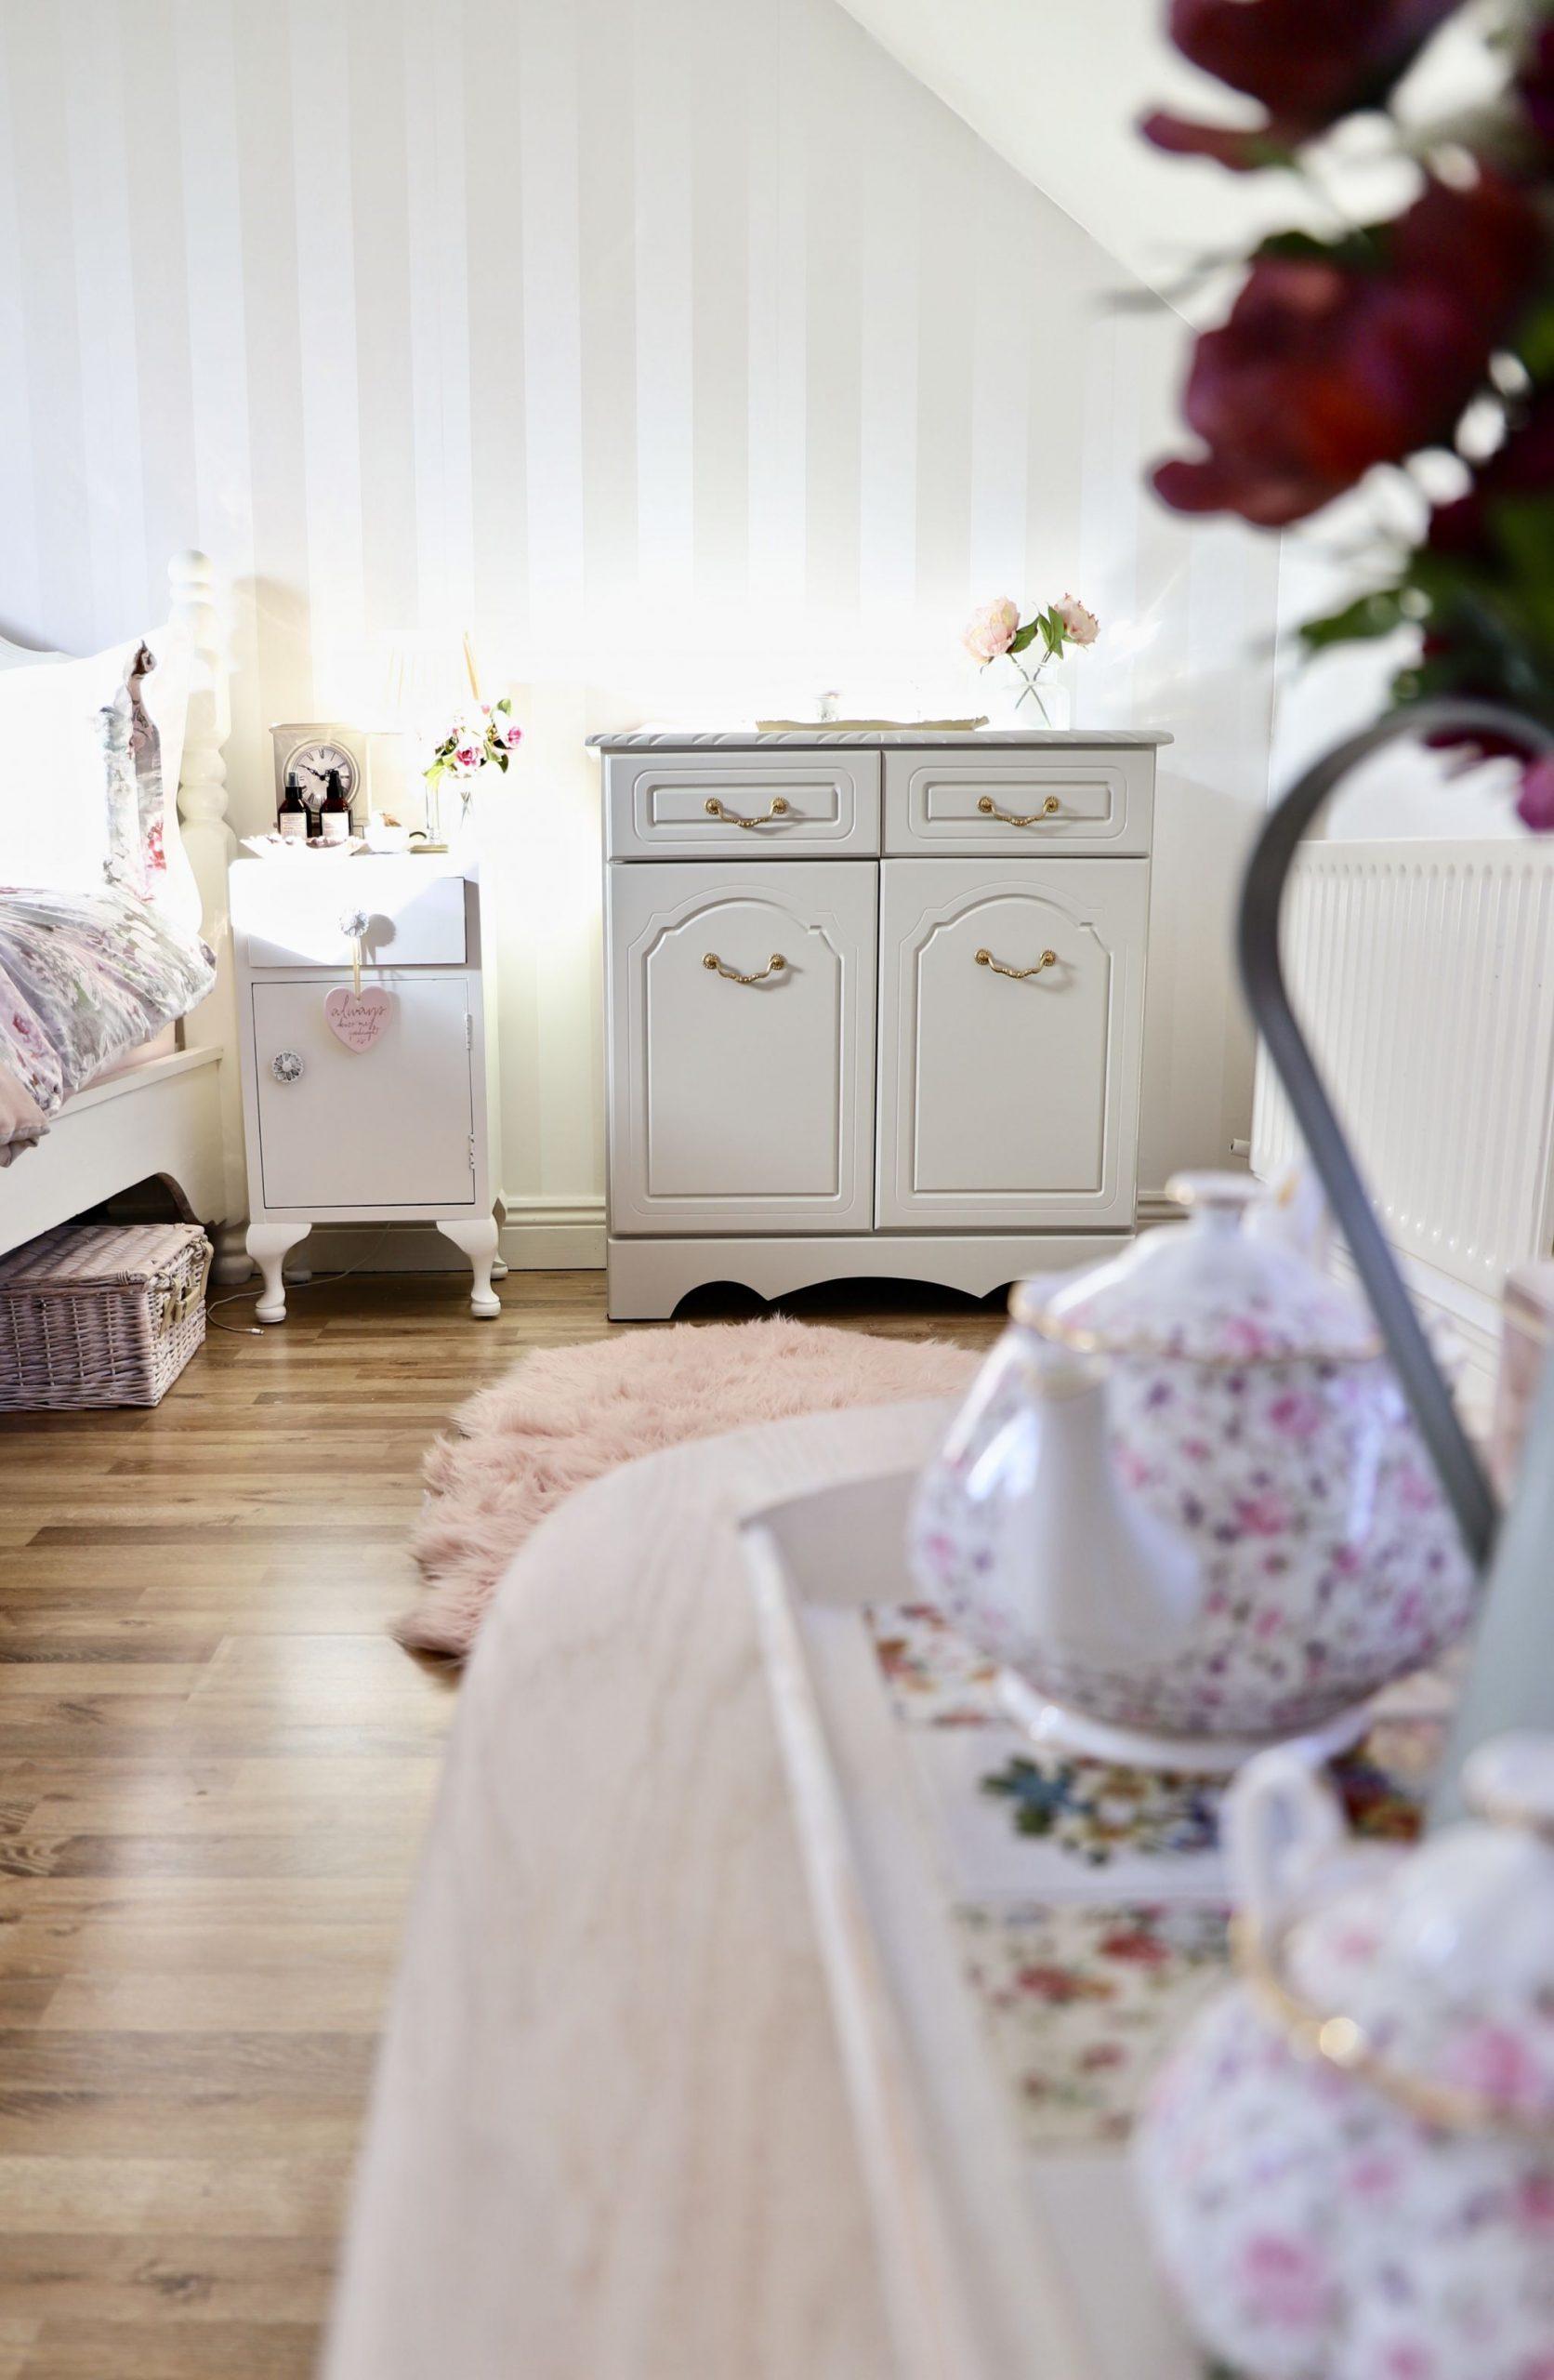 DIY Furniture Makeover, Cottage Style Cabinet